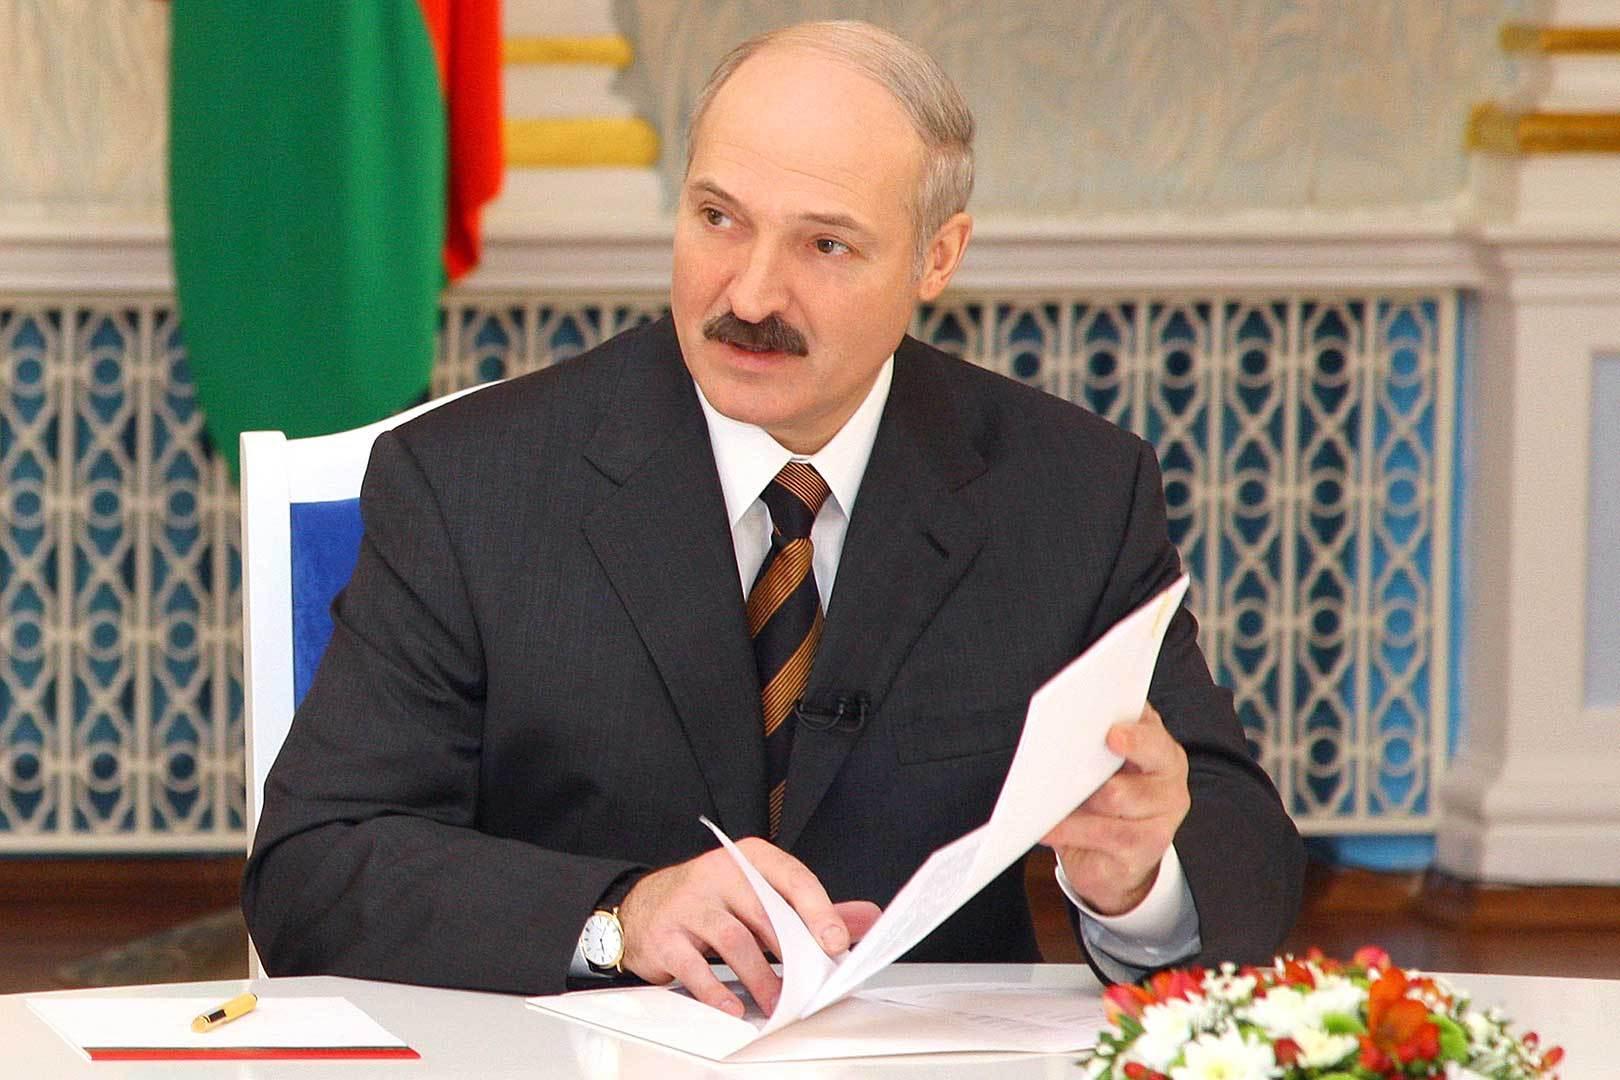 Лукашенко о космонавте Олеге Новицком: Настоящий белорусский парень. ФОТО: БелТА